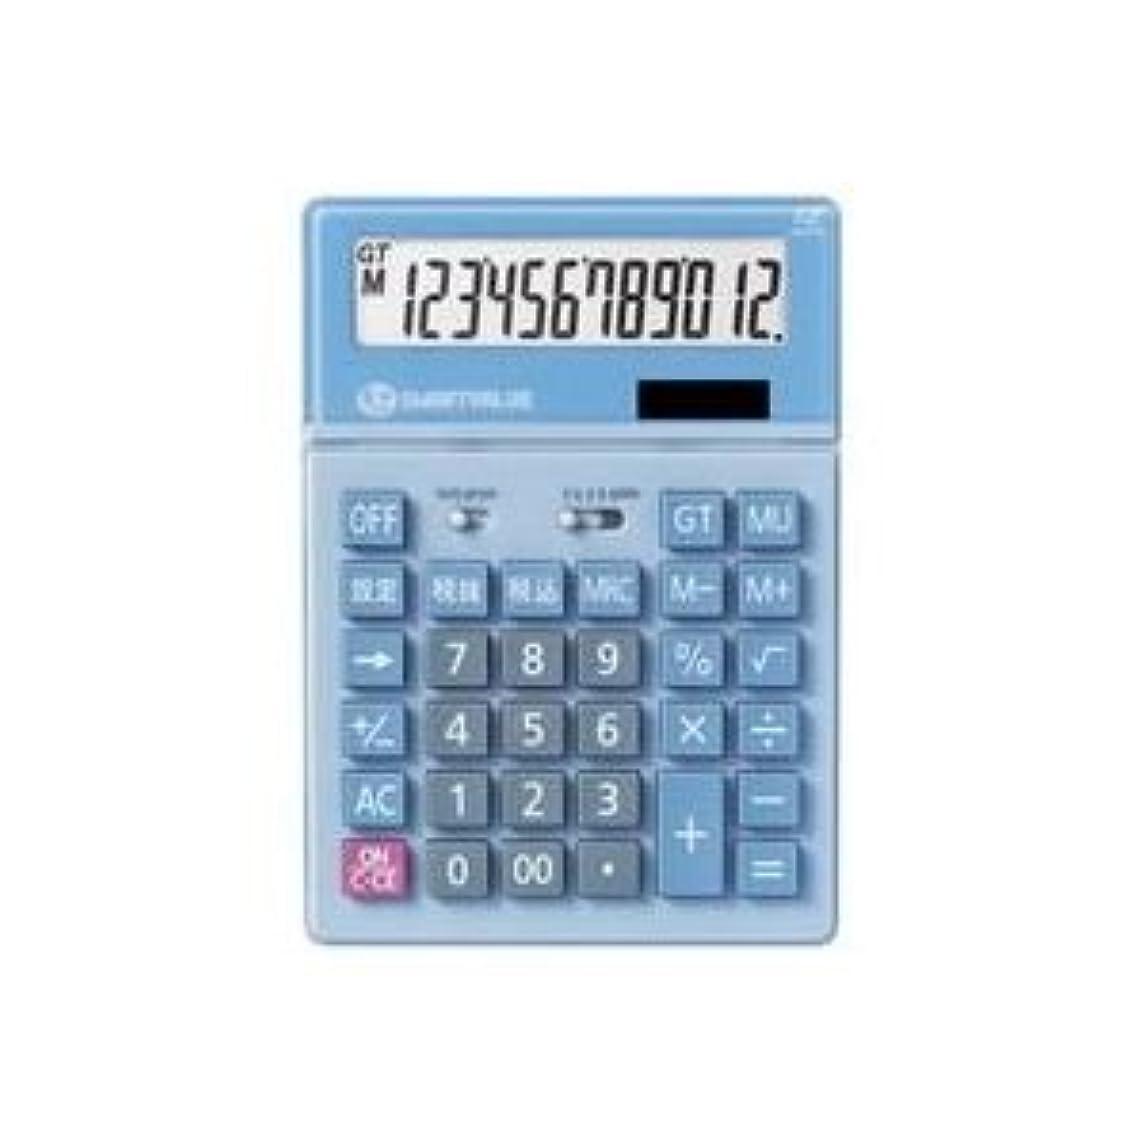 失礼くま海賊(業務用30セット) ジョインテックス 大型電卓 K040J 生活用品 インテリア 雑貨 文具 オフィス用品 電卓 14067381 [並行輸入品]